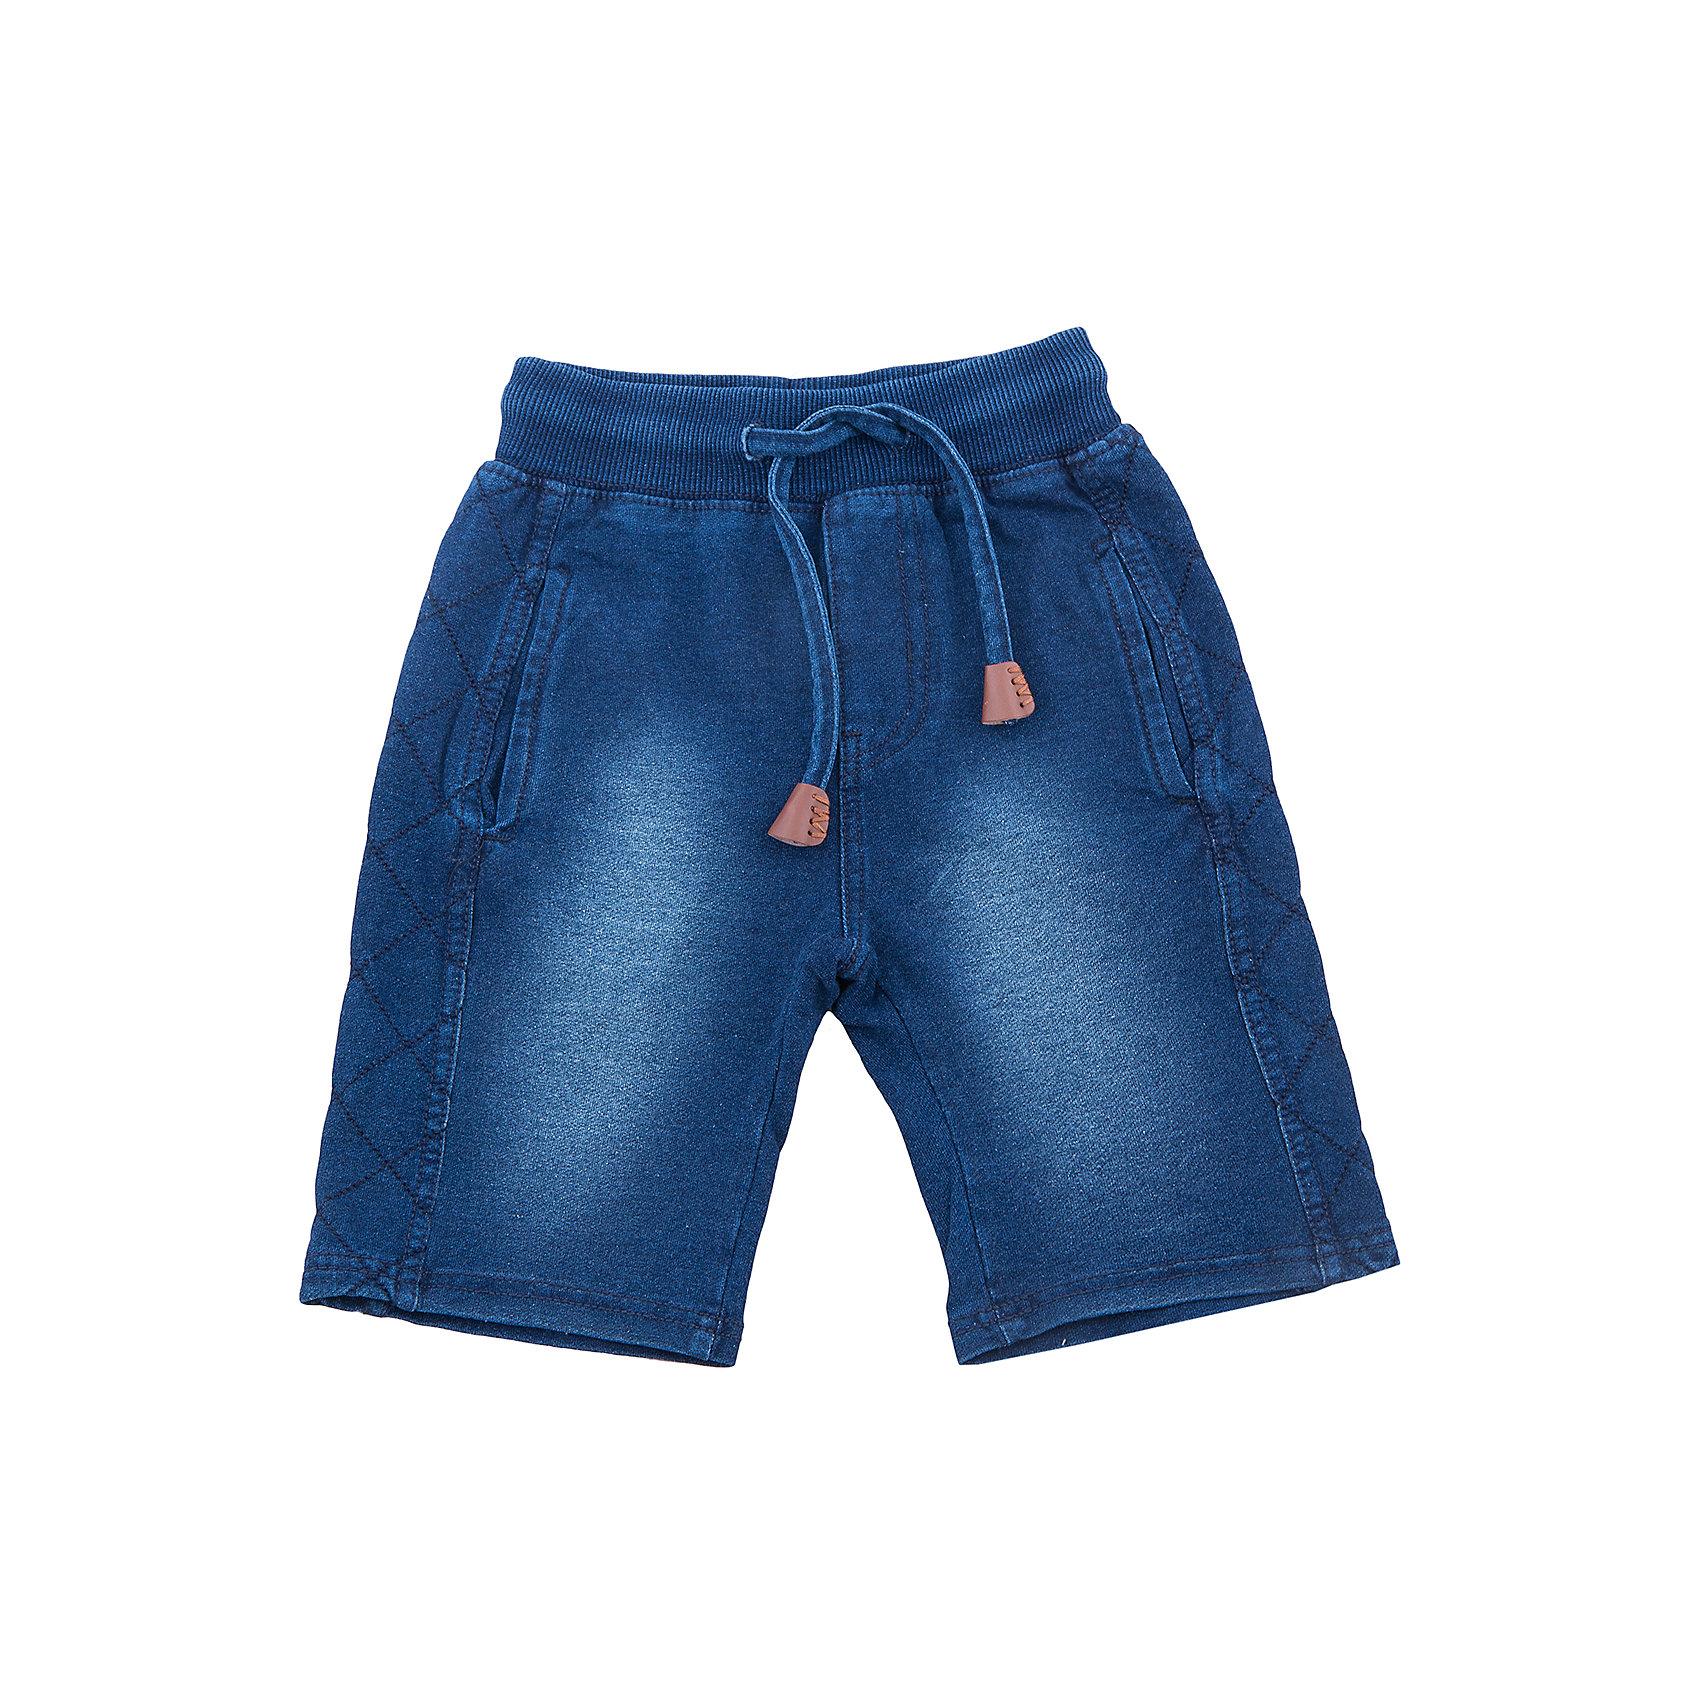 Шорты джинсовые для мальчика Sweet BerryШорты, бриджи, капри<br>Мягкие, трикотажные шорты под Джинсу для мальчика. Спереди два прорезных кармана. Пояс-резинка дополнен шнуром для регулирования объема.<br>Состав:<br>95%хлопок 5%эластан<br><br>Ширина мм: 191<br>Глубина мм: 10<br>Высота мм: 175<br>Вес г: 273<br>Цвет: белый<br>Возраст от месяцев: 24<br>Возраст до месяцев: 36<br>Пол: Мужской<br>Возраст: Детский<br>Размер: 98,104,110,116,122,128<br>SKU: 5410386